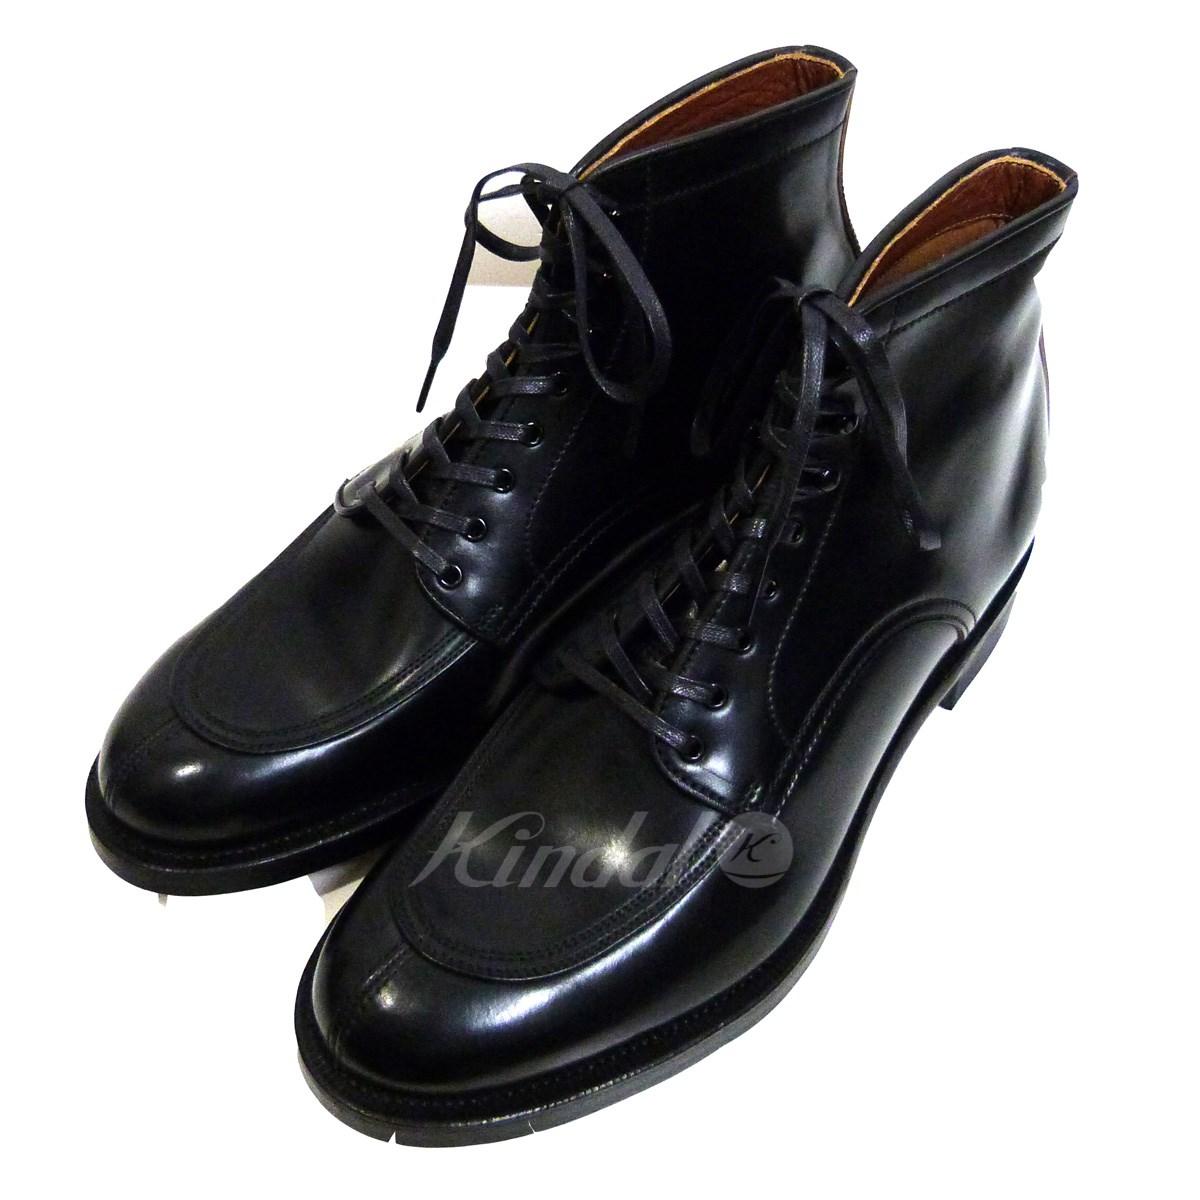 【中古】MAKERS モックトゥコードバンレースアップブーツ ブラック サイズ:8 【送料無料】 【201018】(メイカーズ)